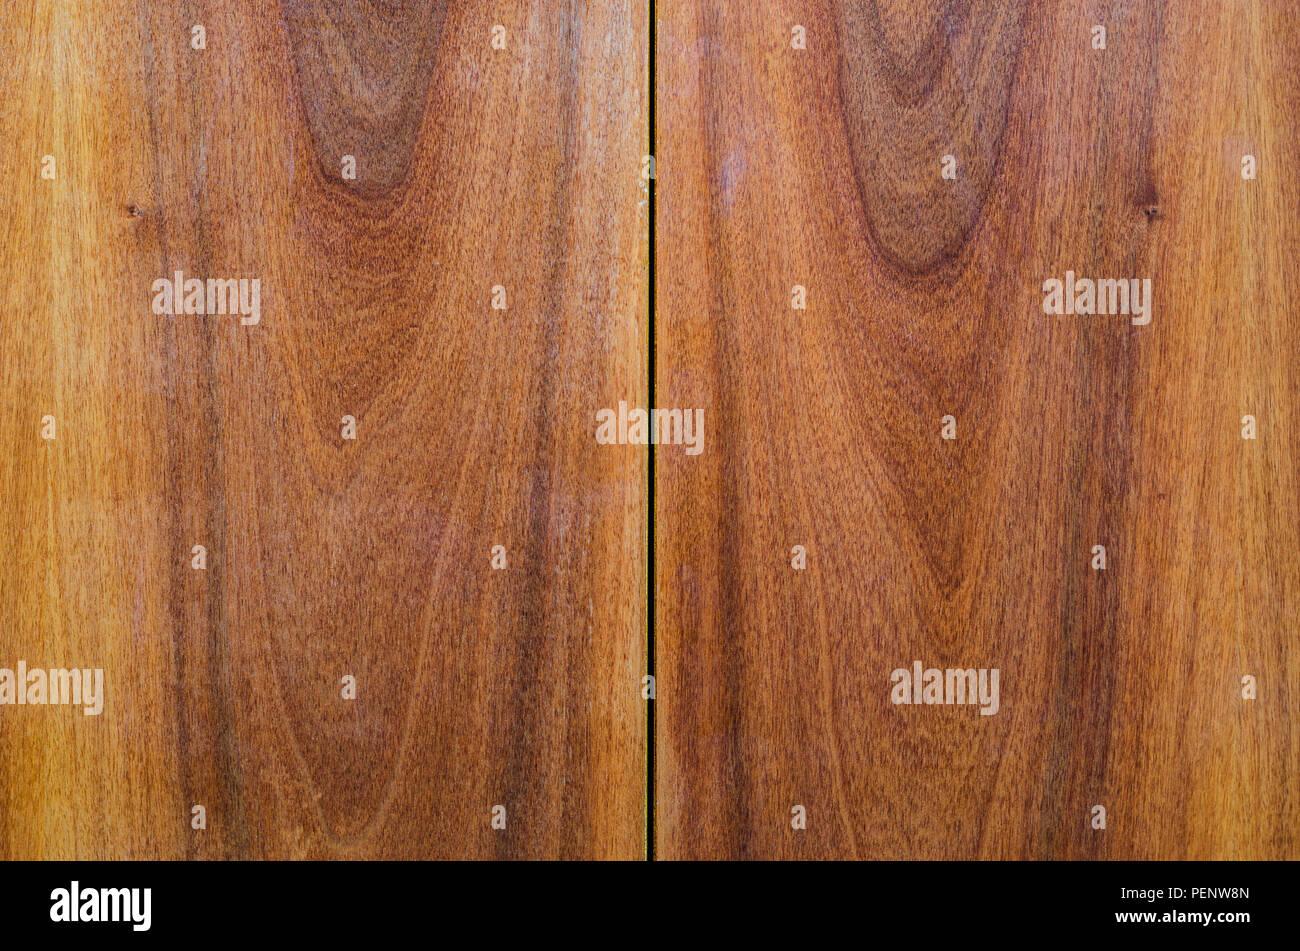 Holzplatten Für Aussen book-matched holzplatten hintergrund. gelenke der dekorativen